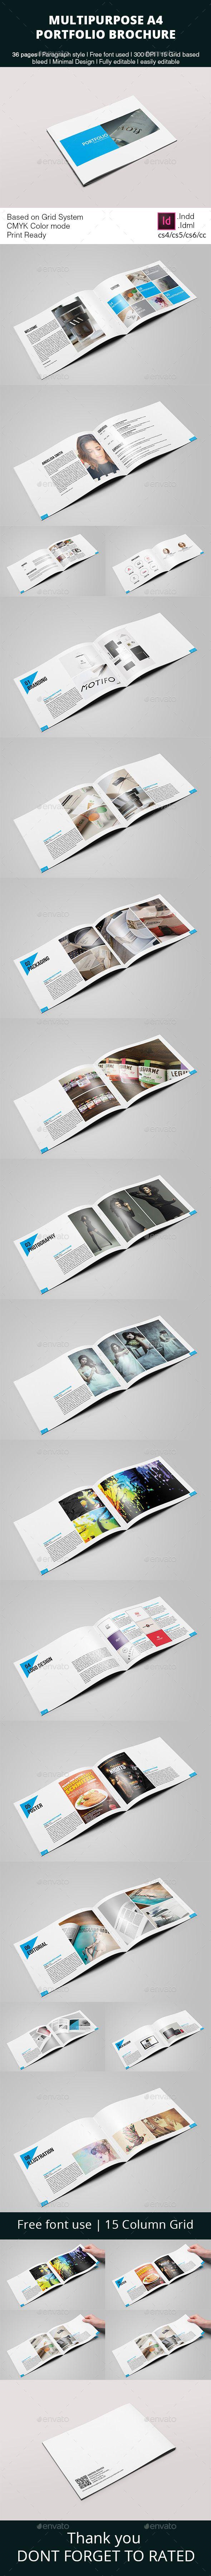 Multipurpose Portfolio Brochure Template — InDesign INDD #portfolio #portfolio template • Available here → https://graphicriver.net/item/multipurpose-portfolio-brochure-template/10936904?ref=pxcr